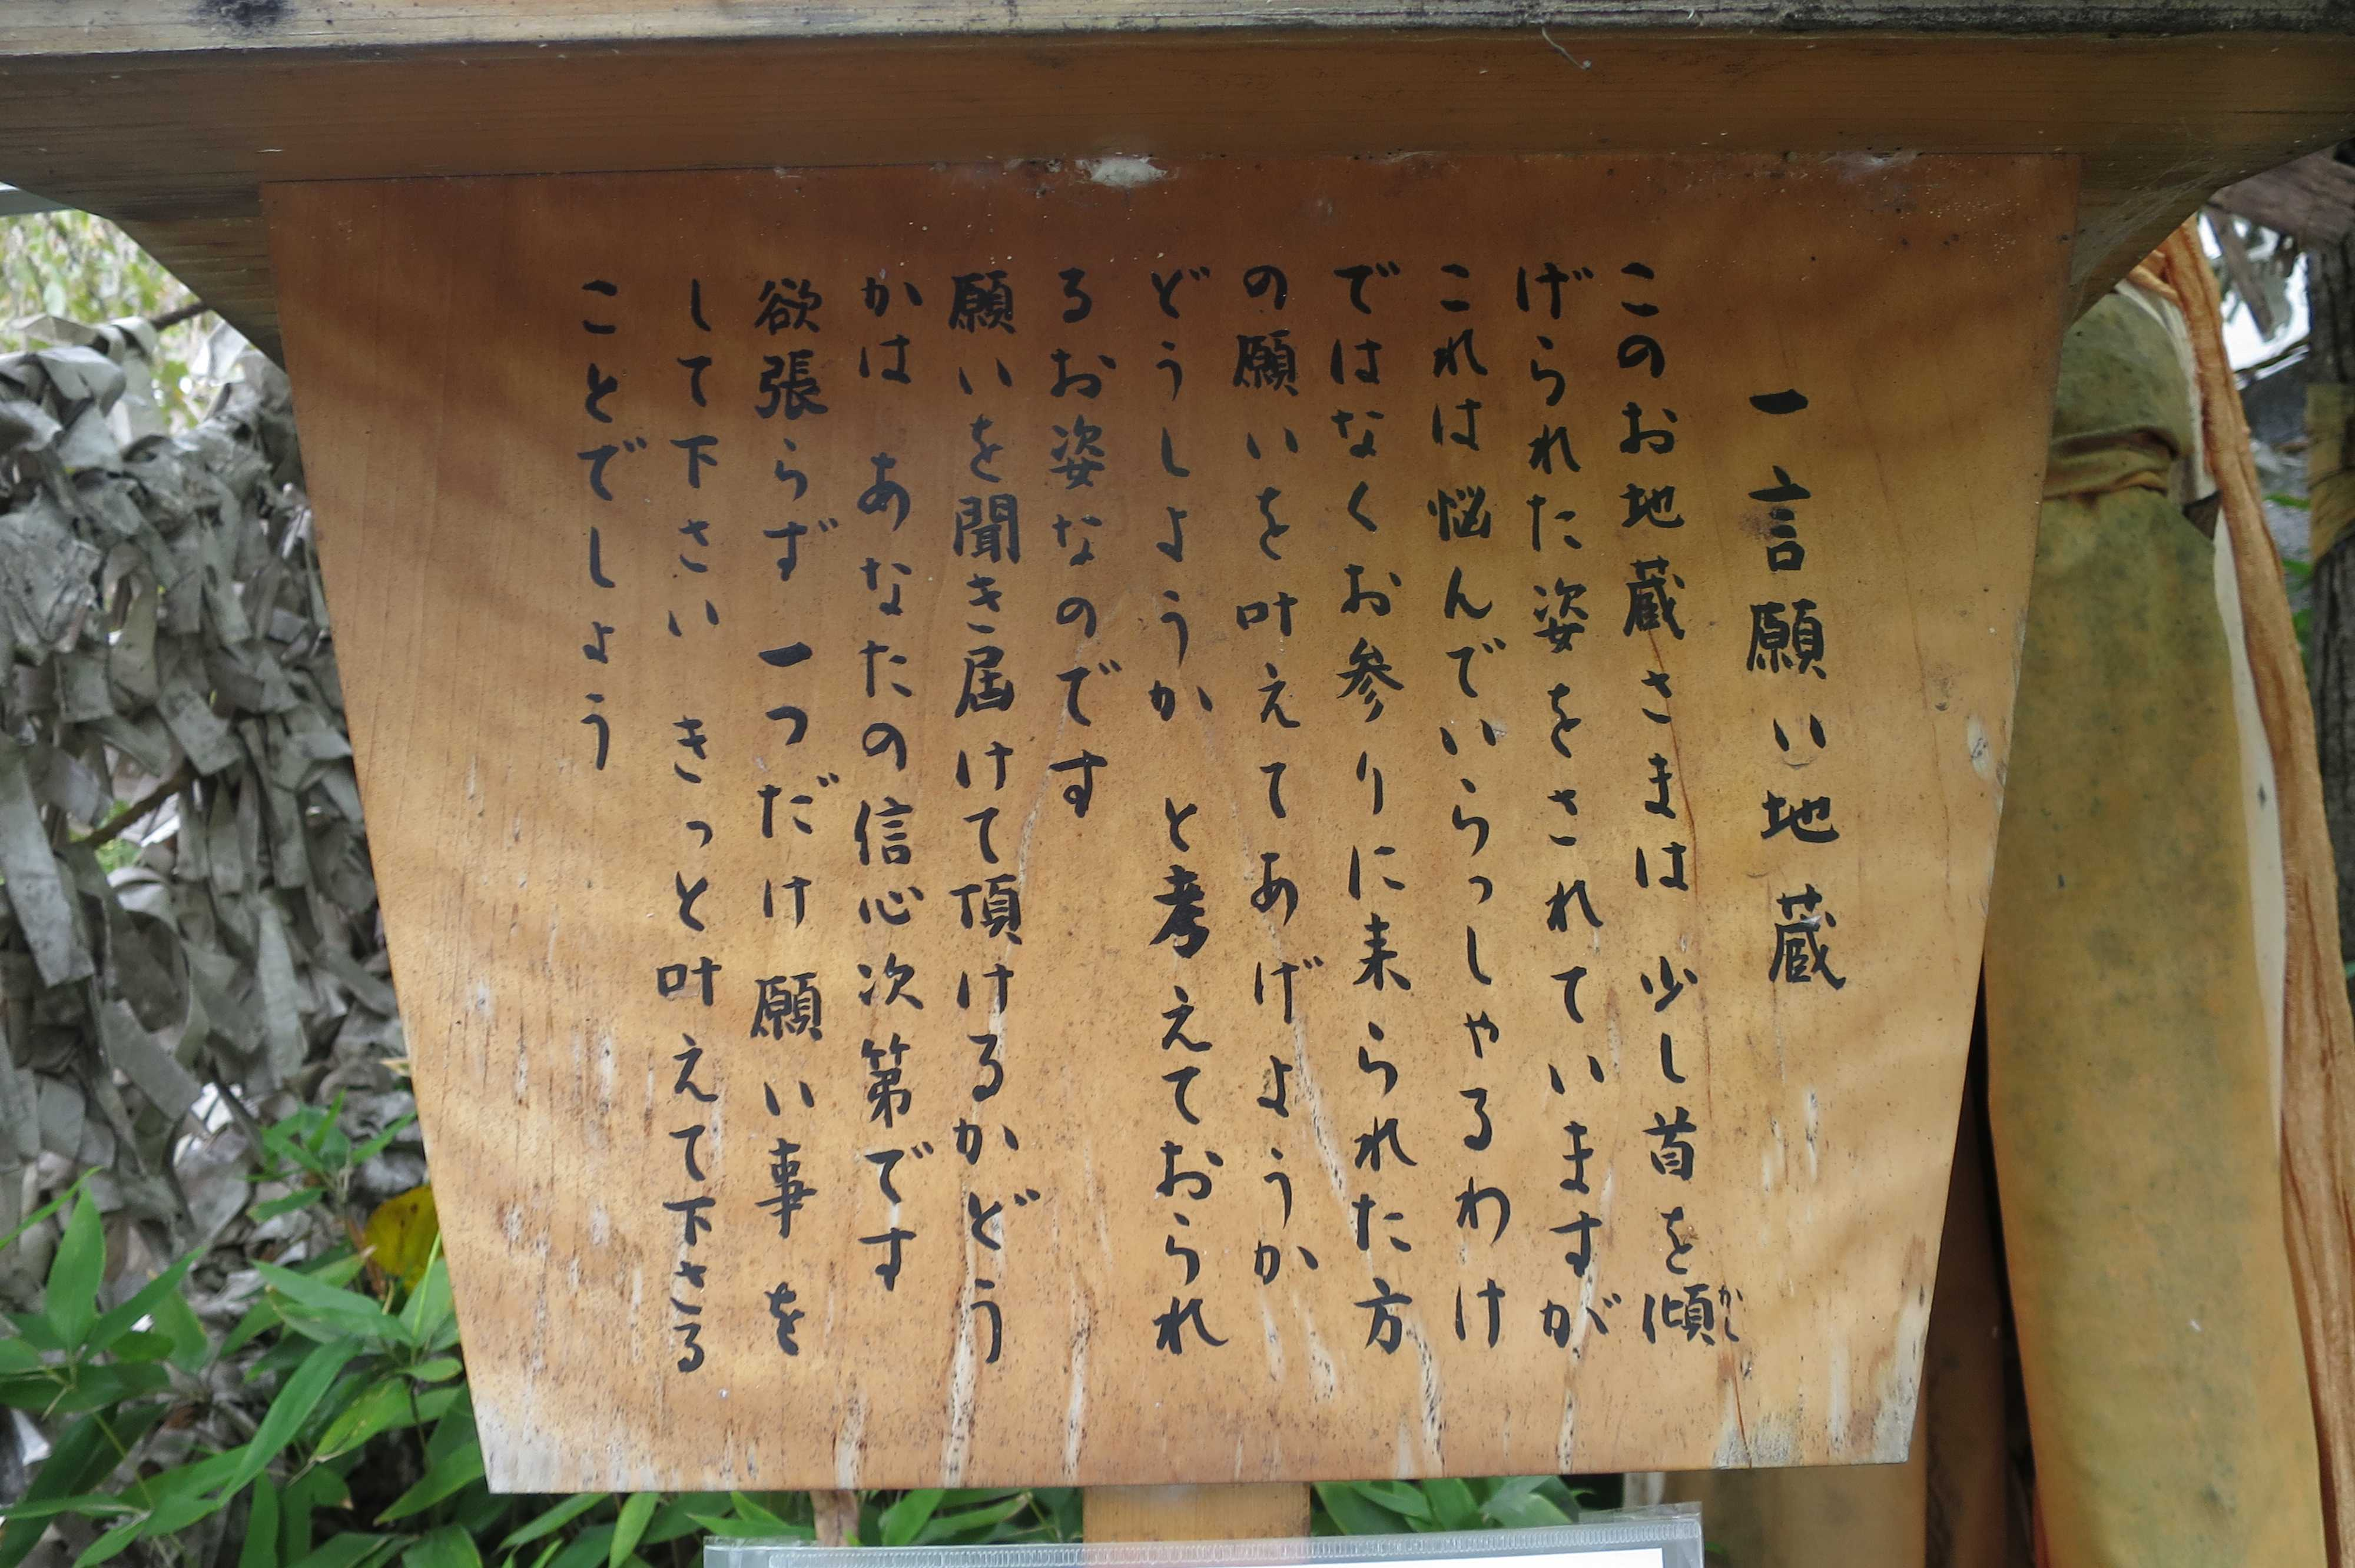 京都・六角堂 - 一言願い地蔵の案内板